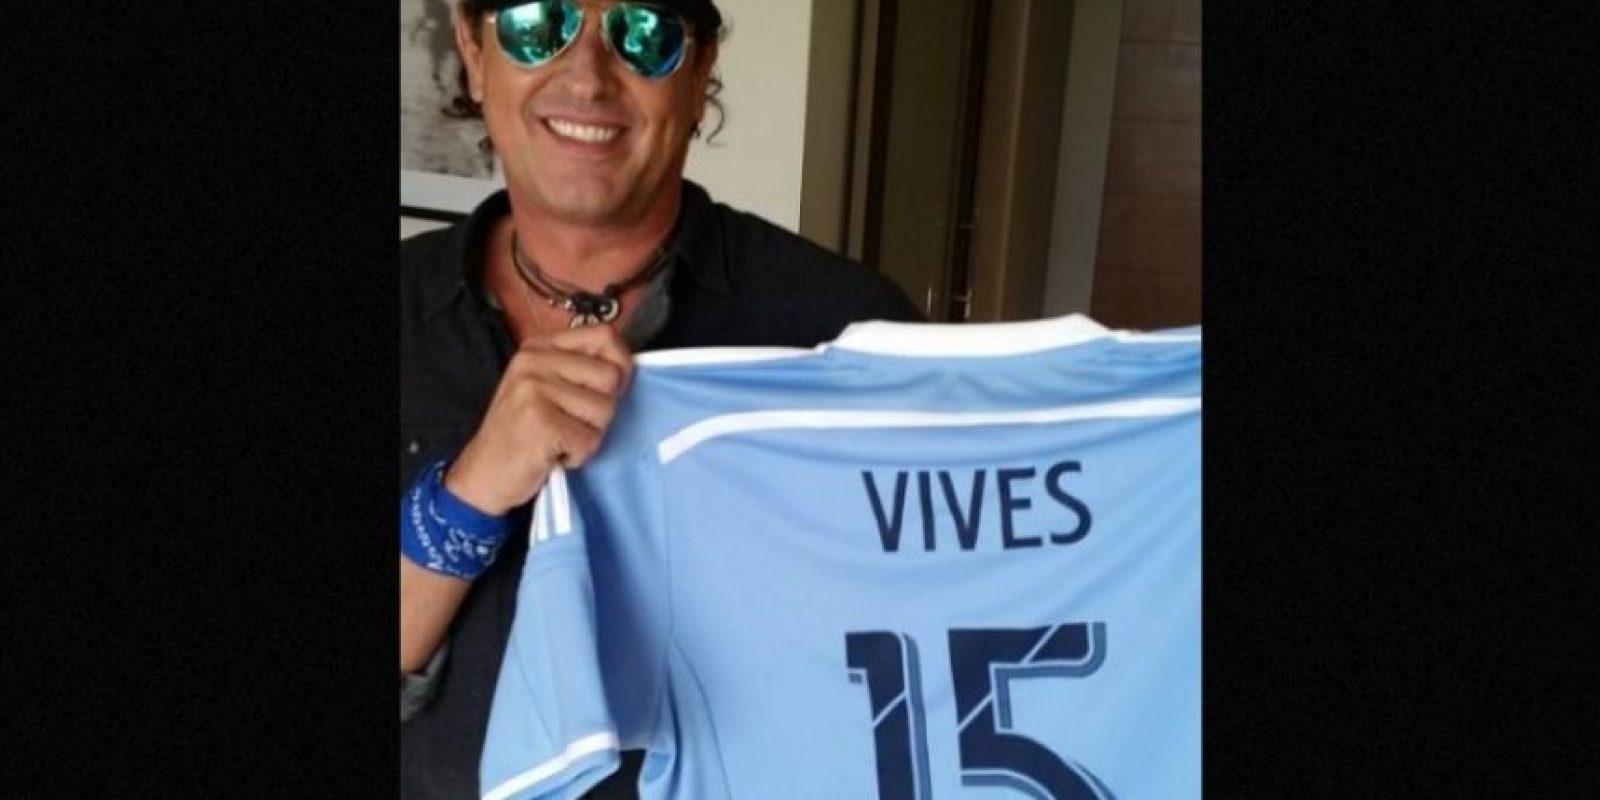 El colombiano Carlos Vives será uno de los invitados de la actriz. Foto:Instagram/carlosvives